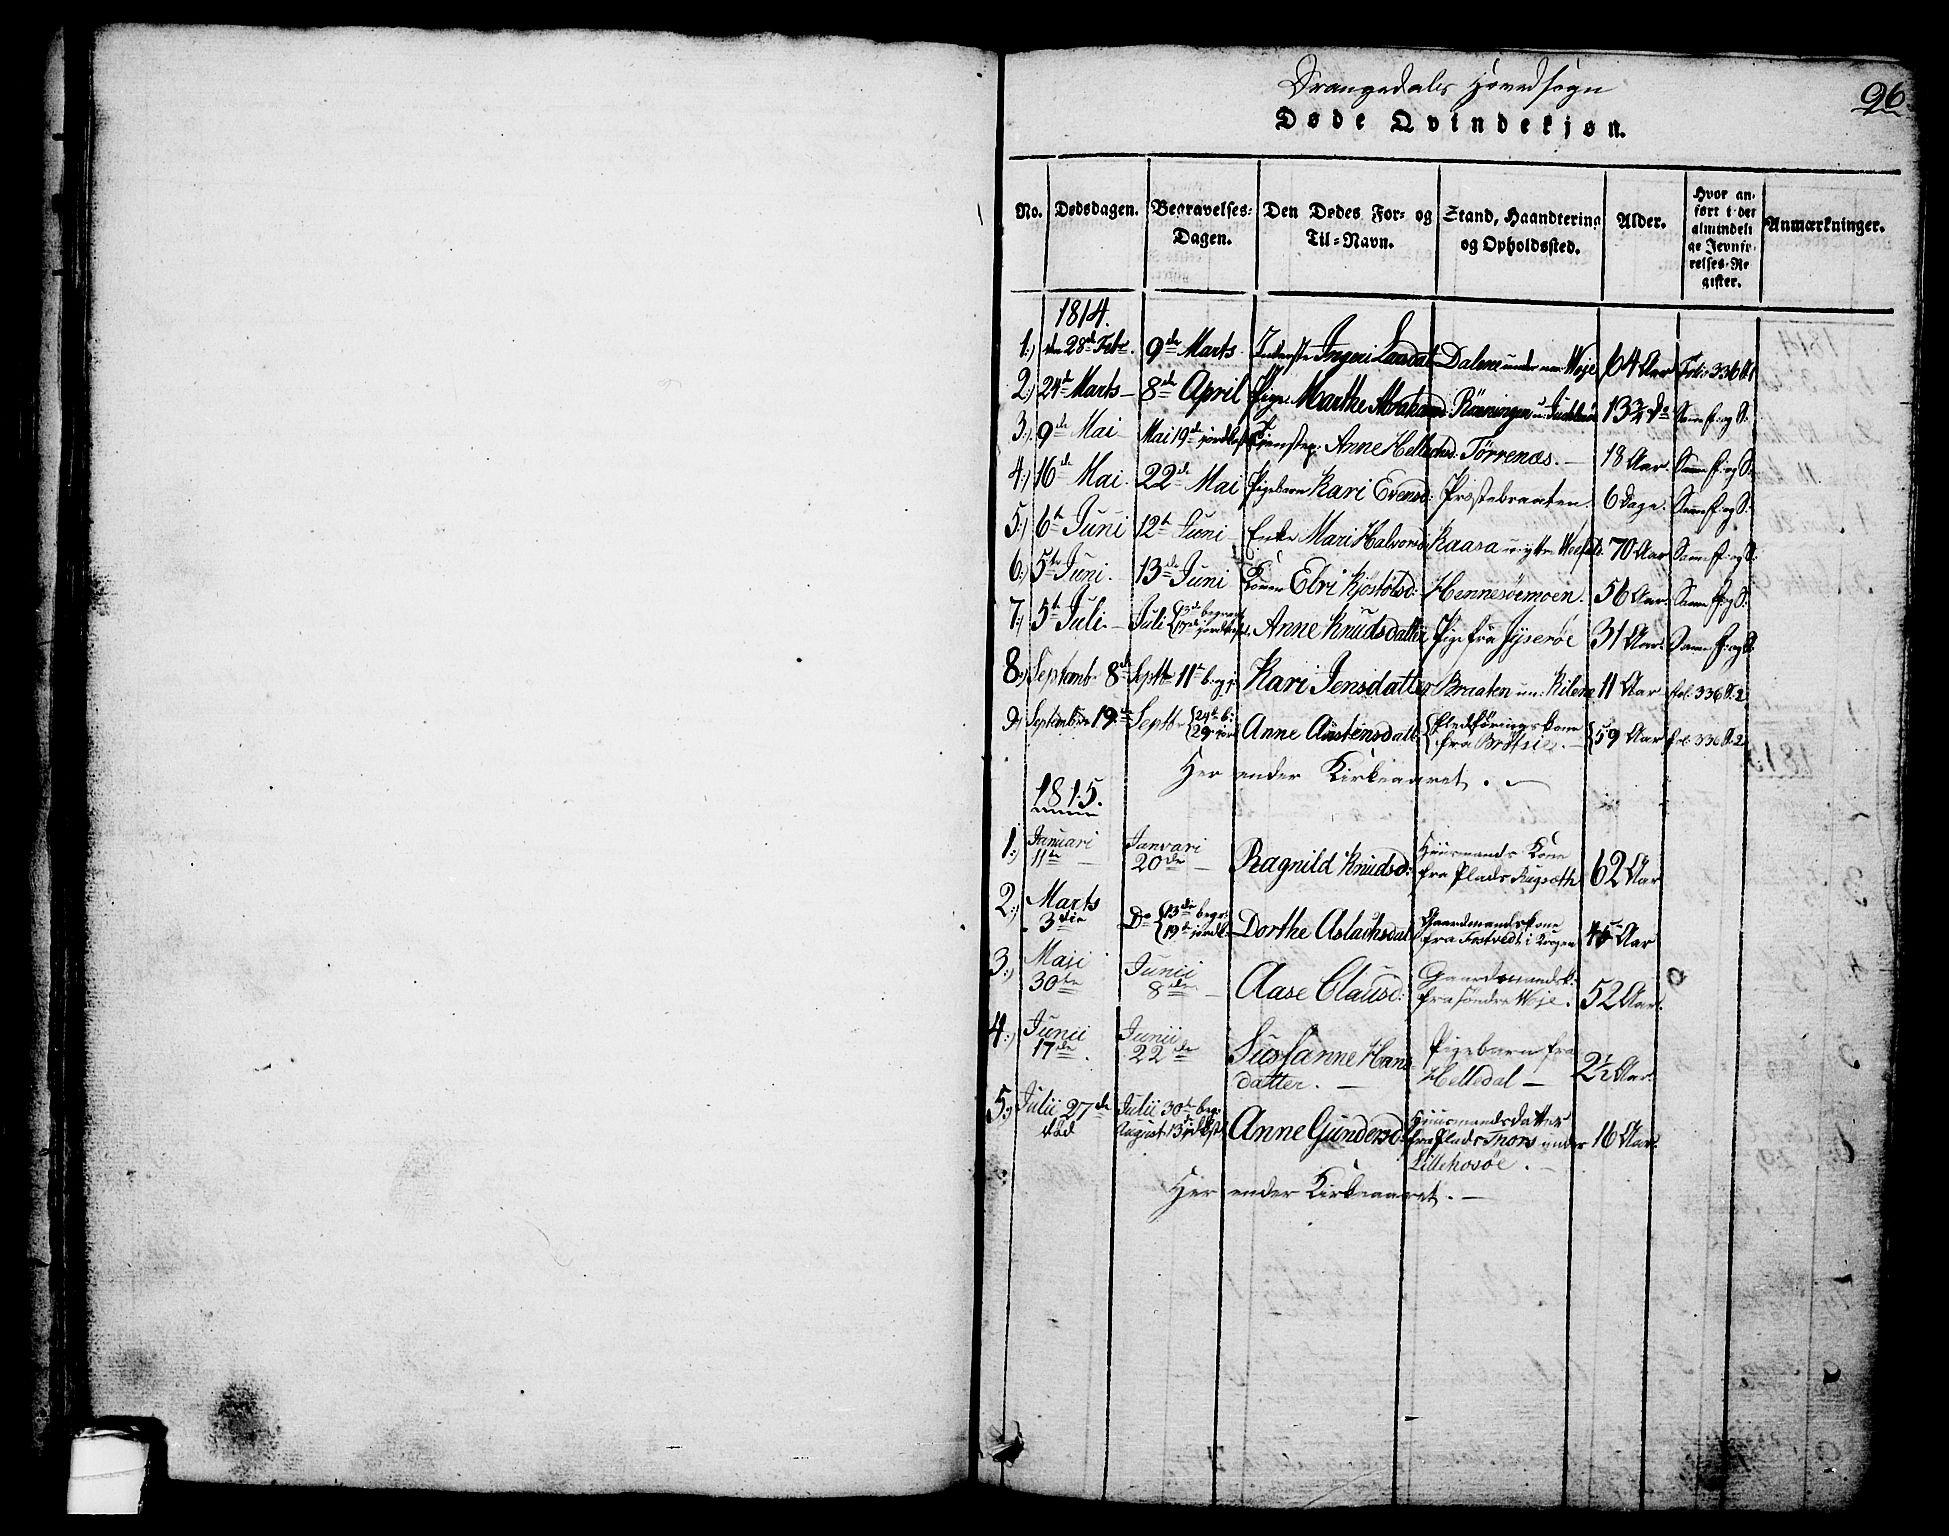 SAKO, Drangedal kirkebøker, G/Ga/L0001: Klokkerbok nr. I 1 /1, 1814-1856, s. 96